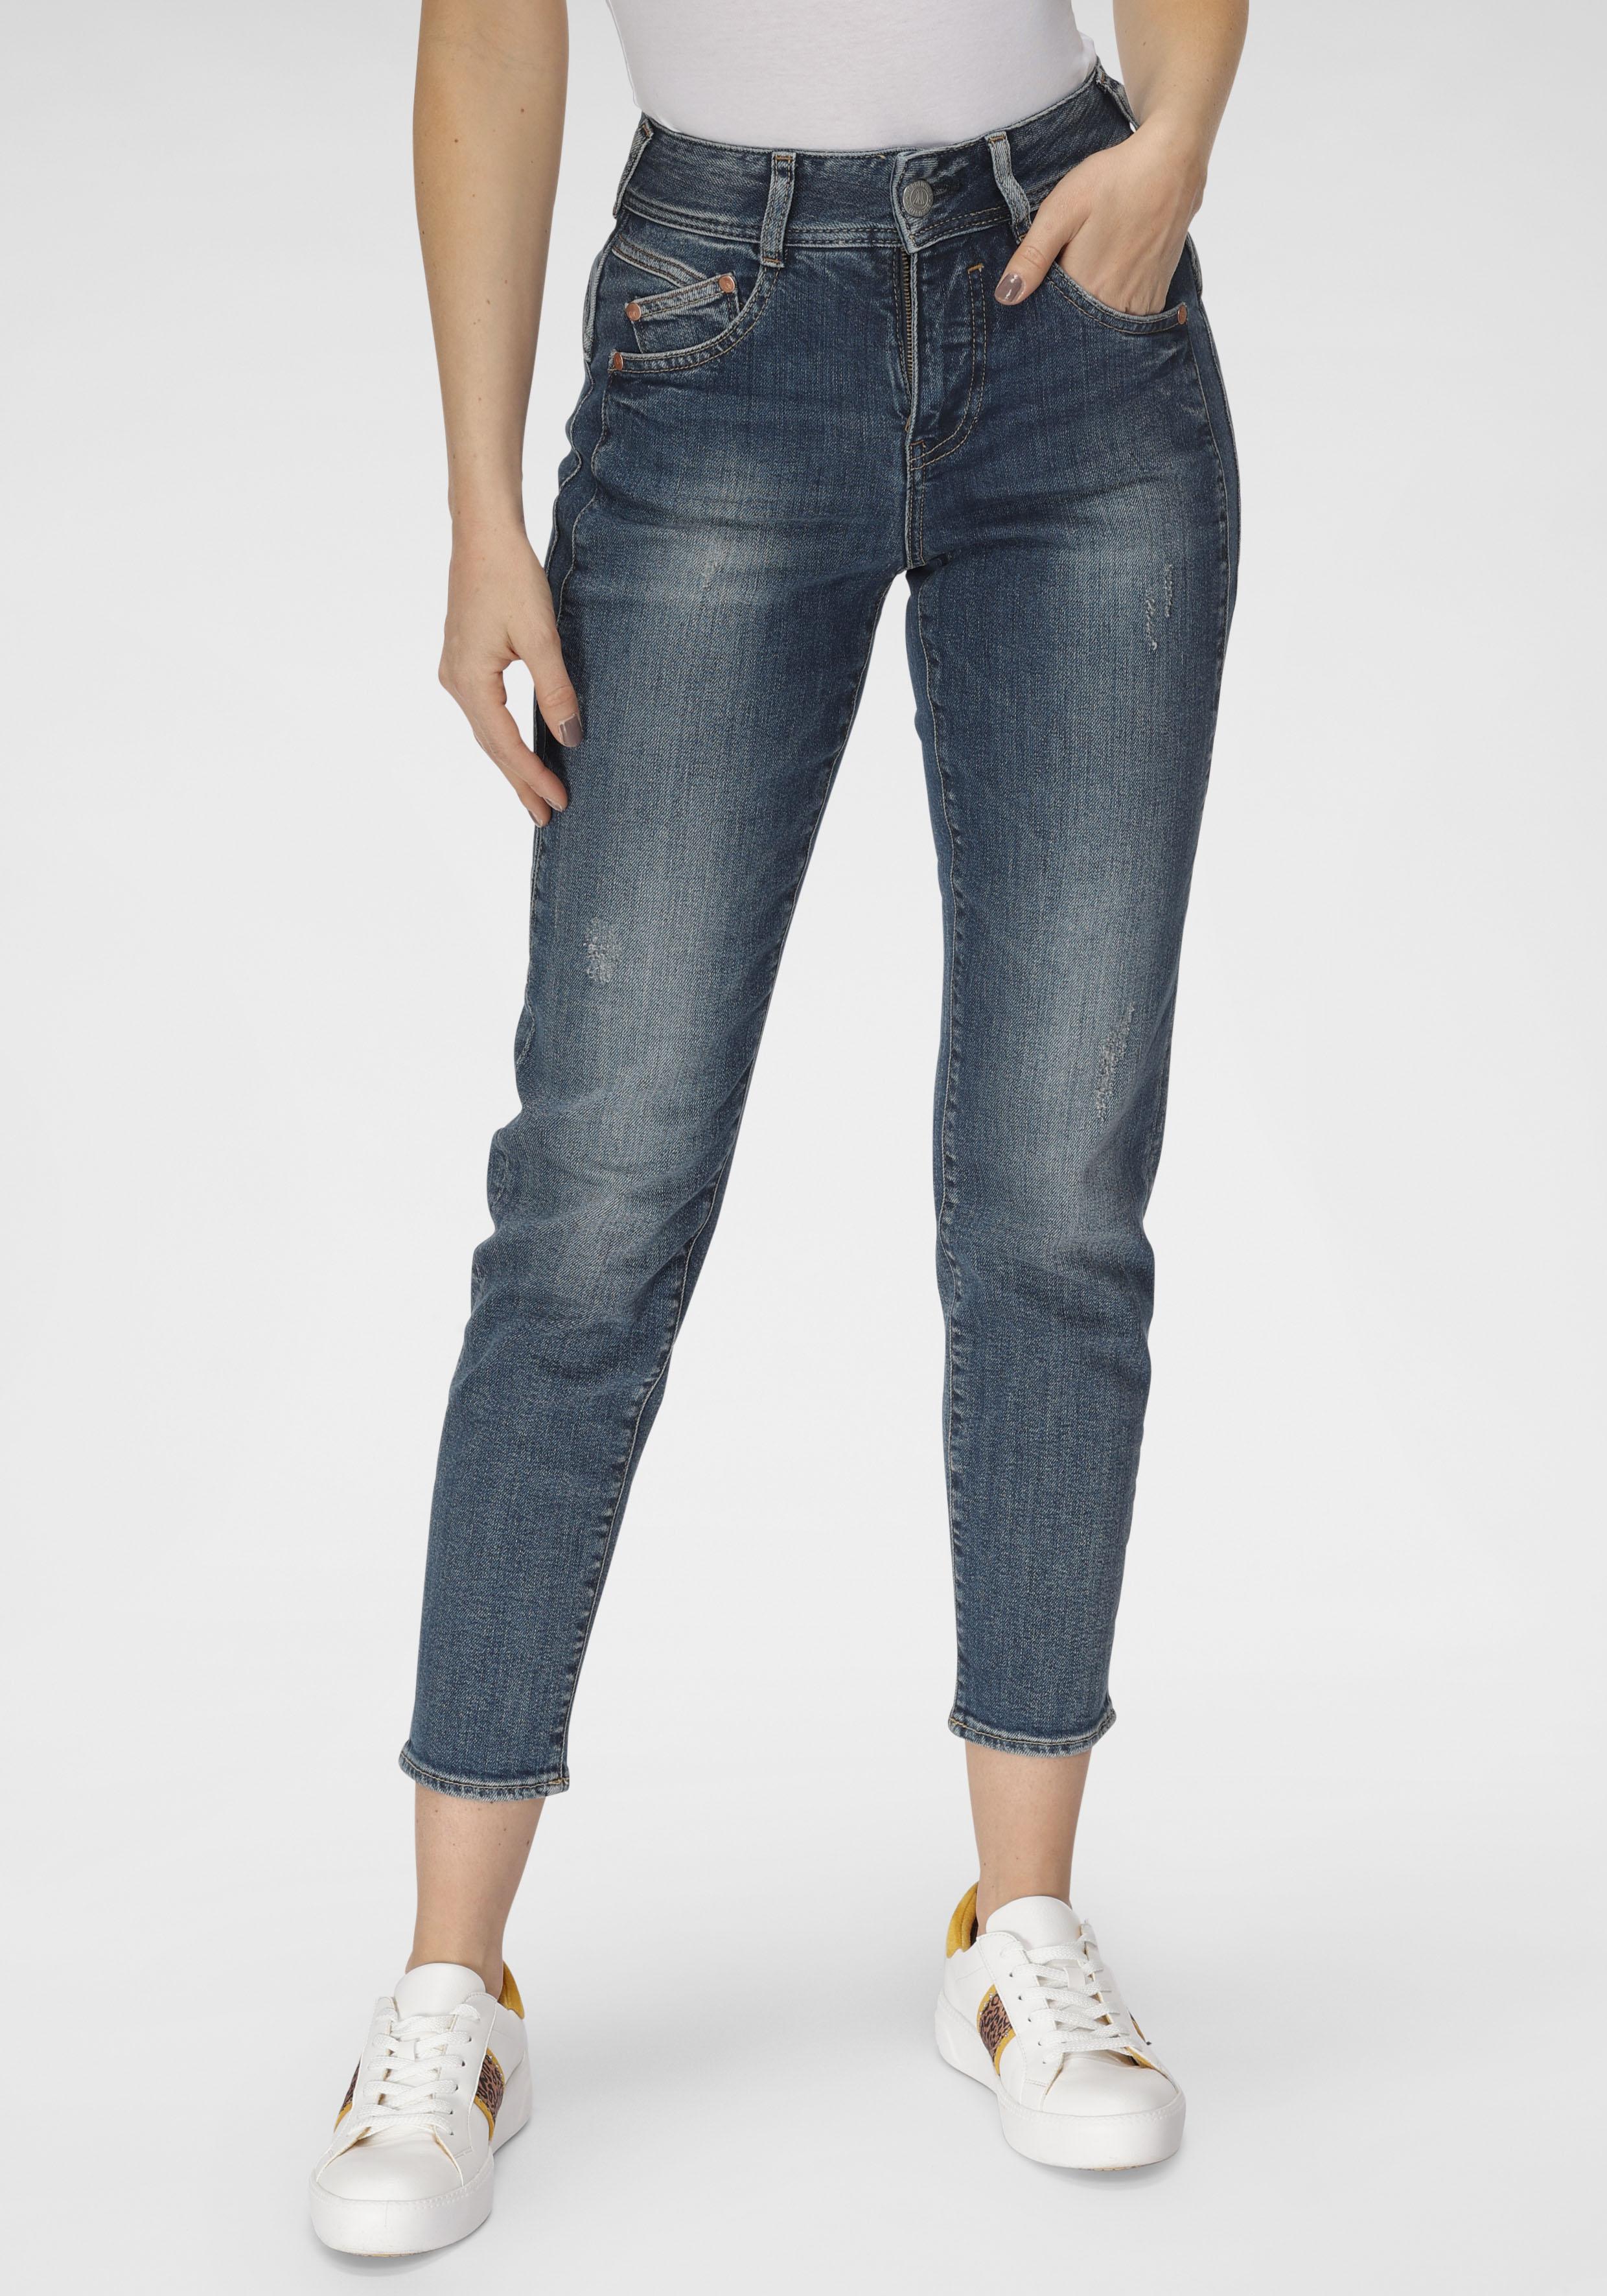 herrlicher -  High-waist-Jeans GILA HI CONIC, umweltfreundlich dank dem Einsatz von Recycled Denim